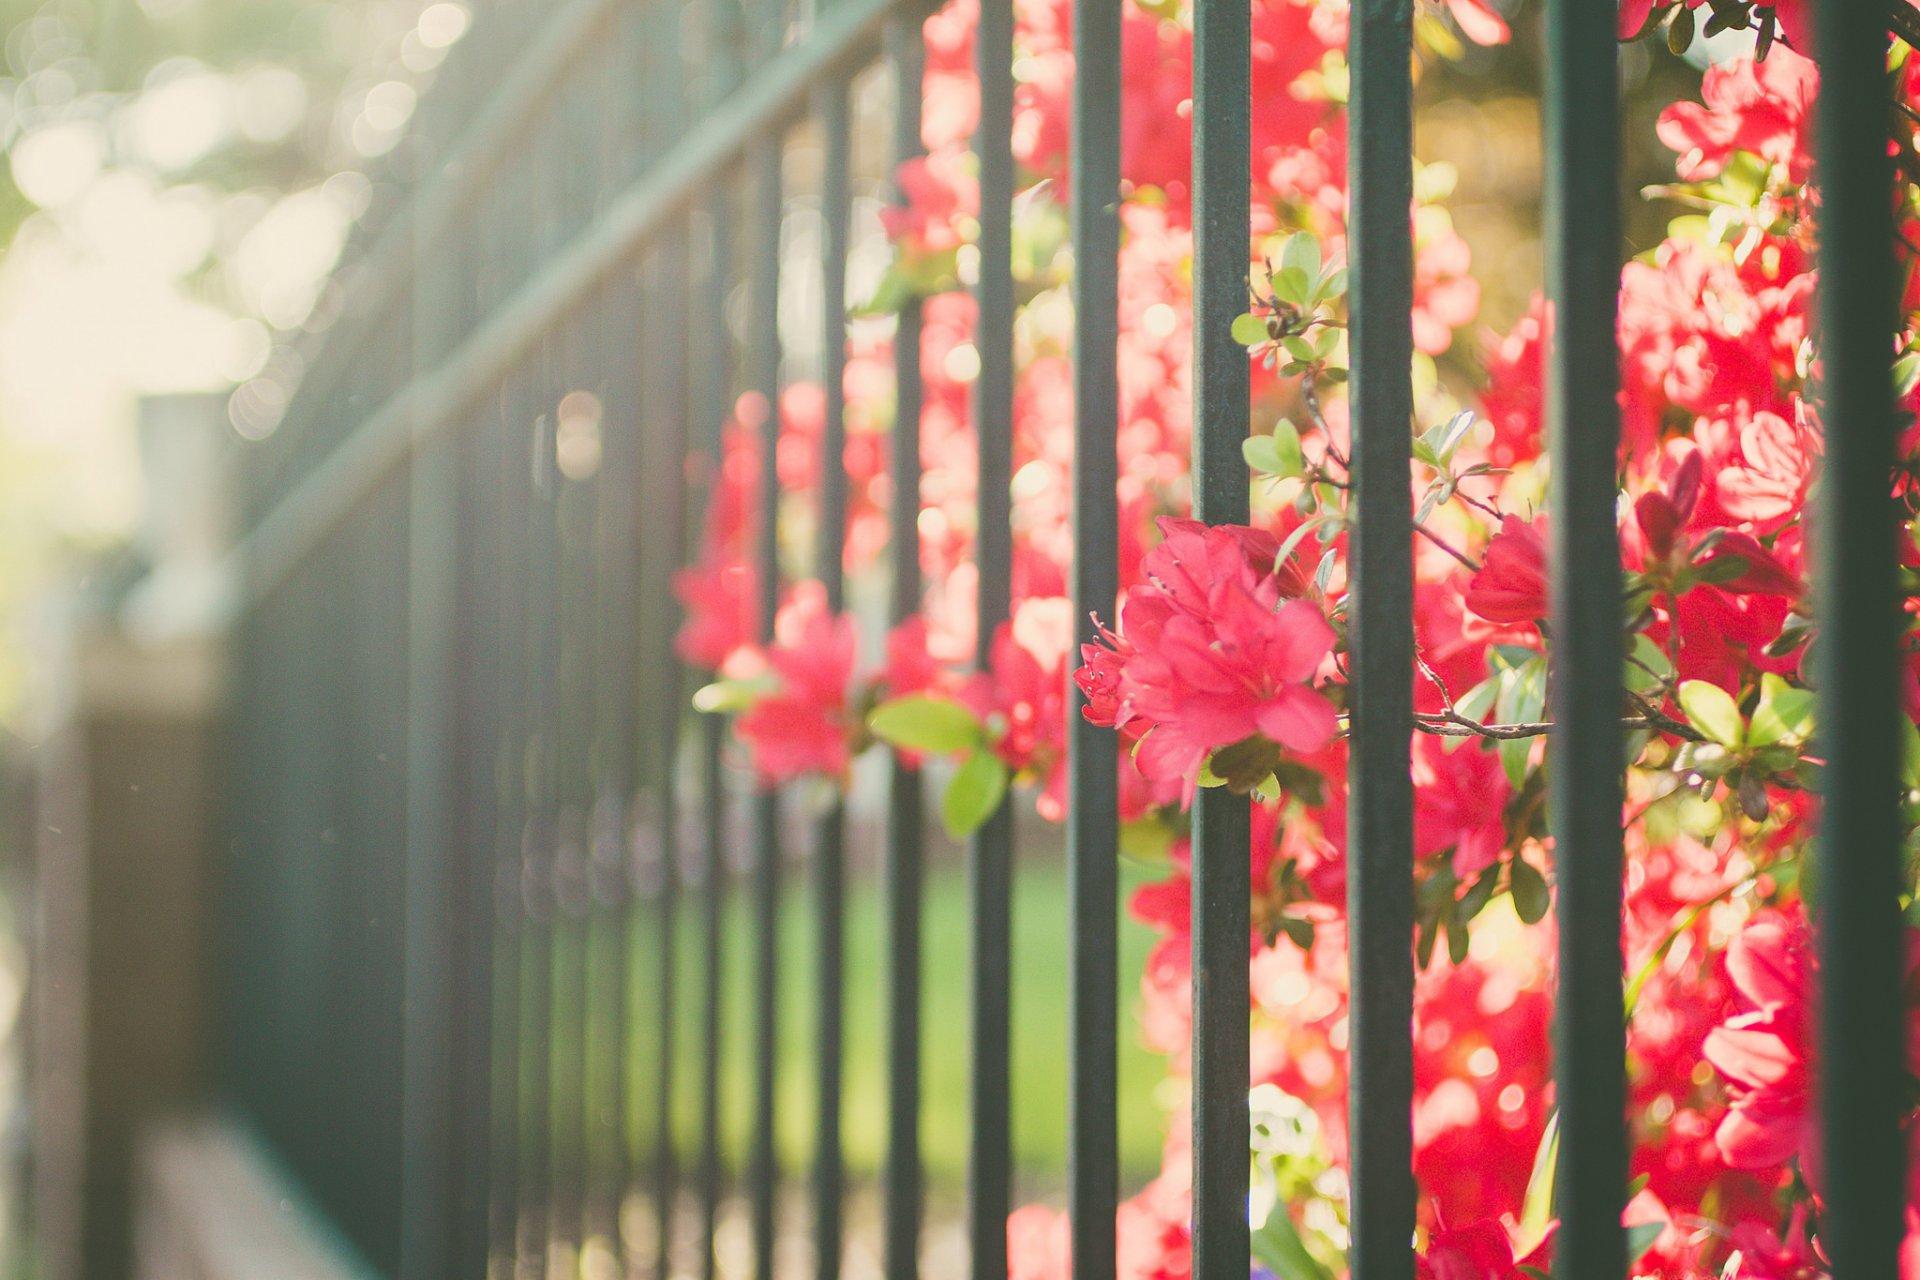 толстого картинки на рабочий стол забор в цветах следовать